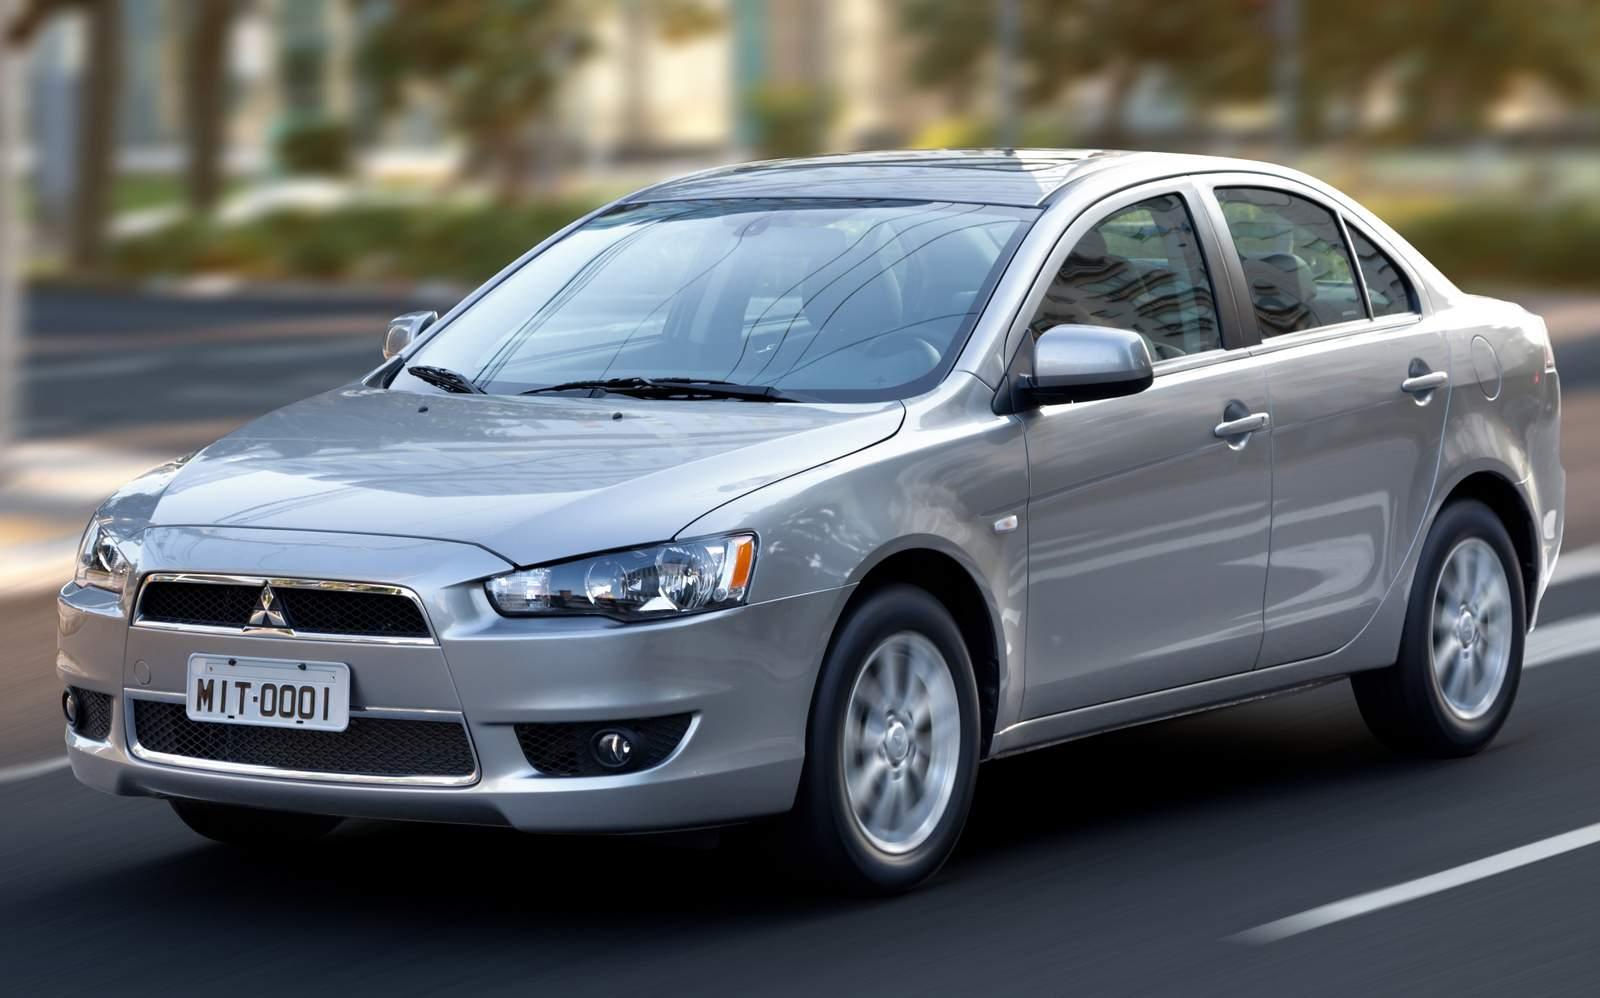 Mitsubishi Lancer - entre os mais desvalorizados